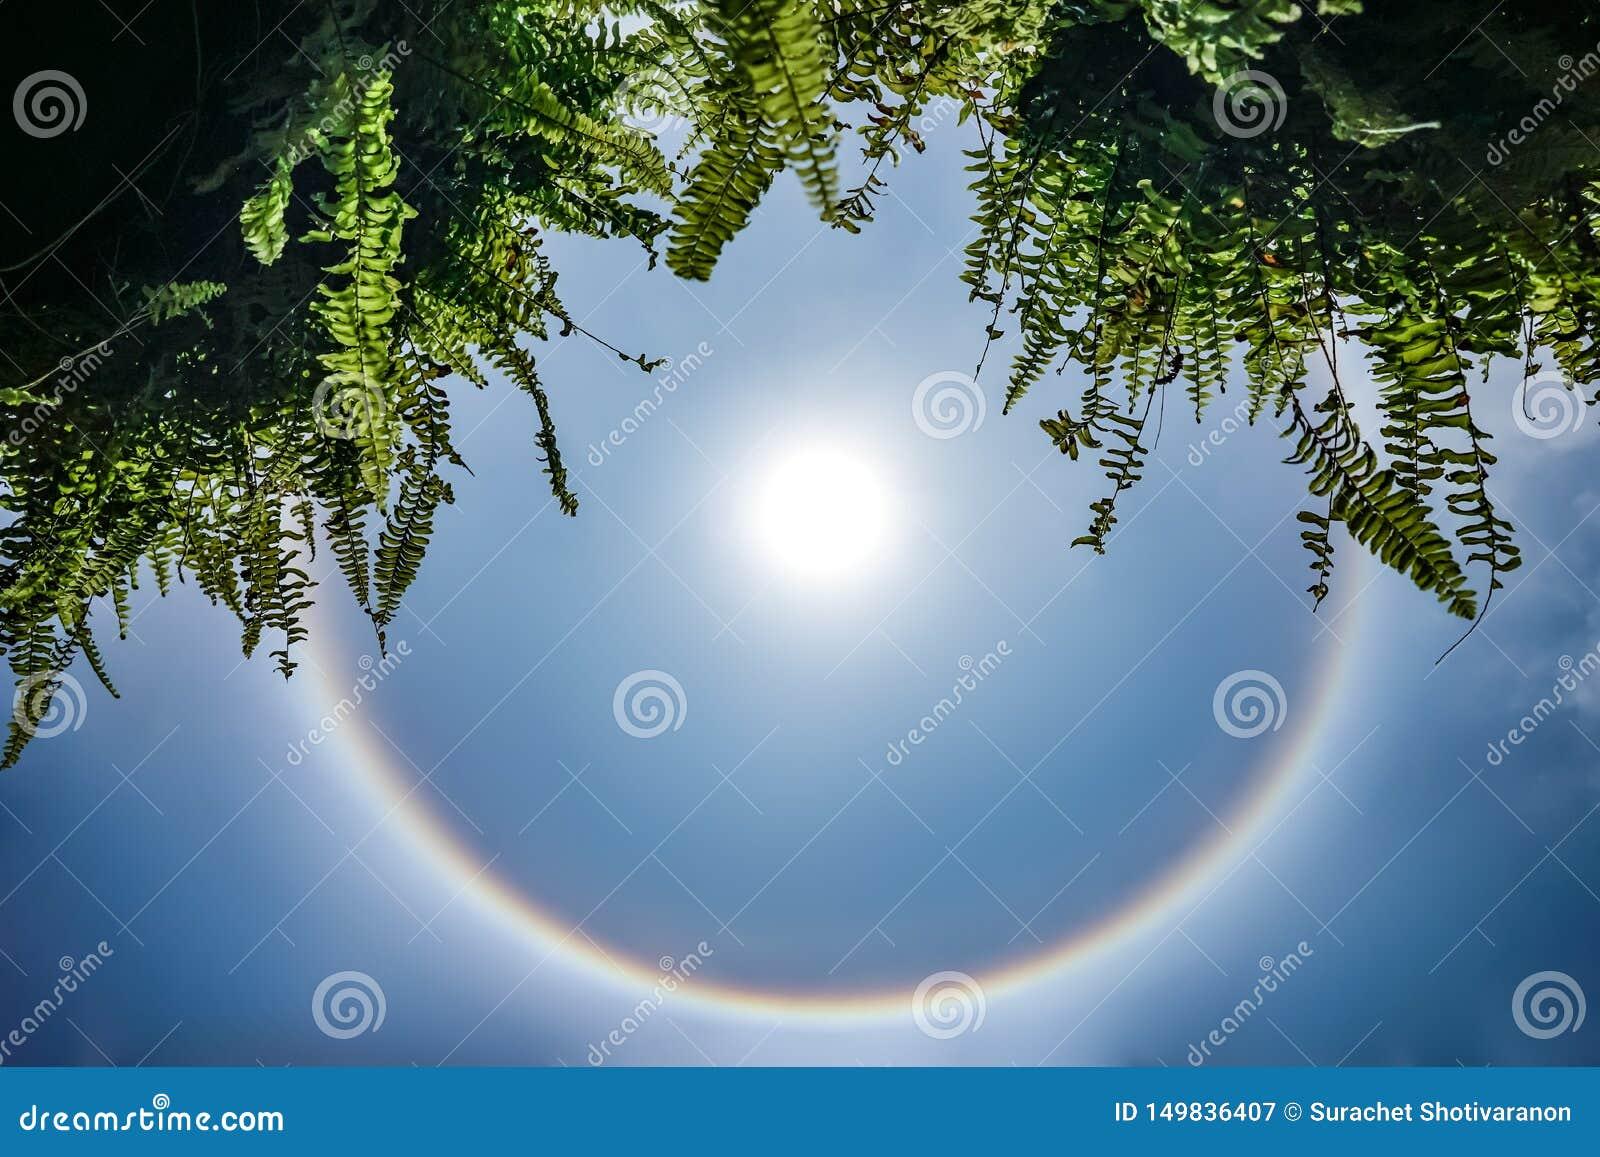 Alone di stupore del sole; l arcobaleno circolare intorno al sole nel cielo, questo momento è comparso in Tailandia nel 2016